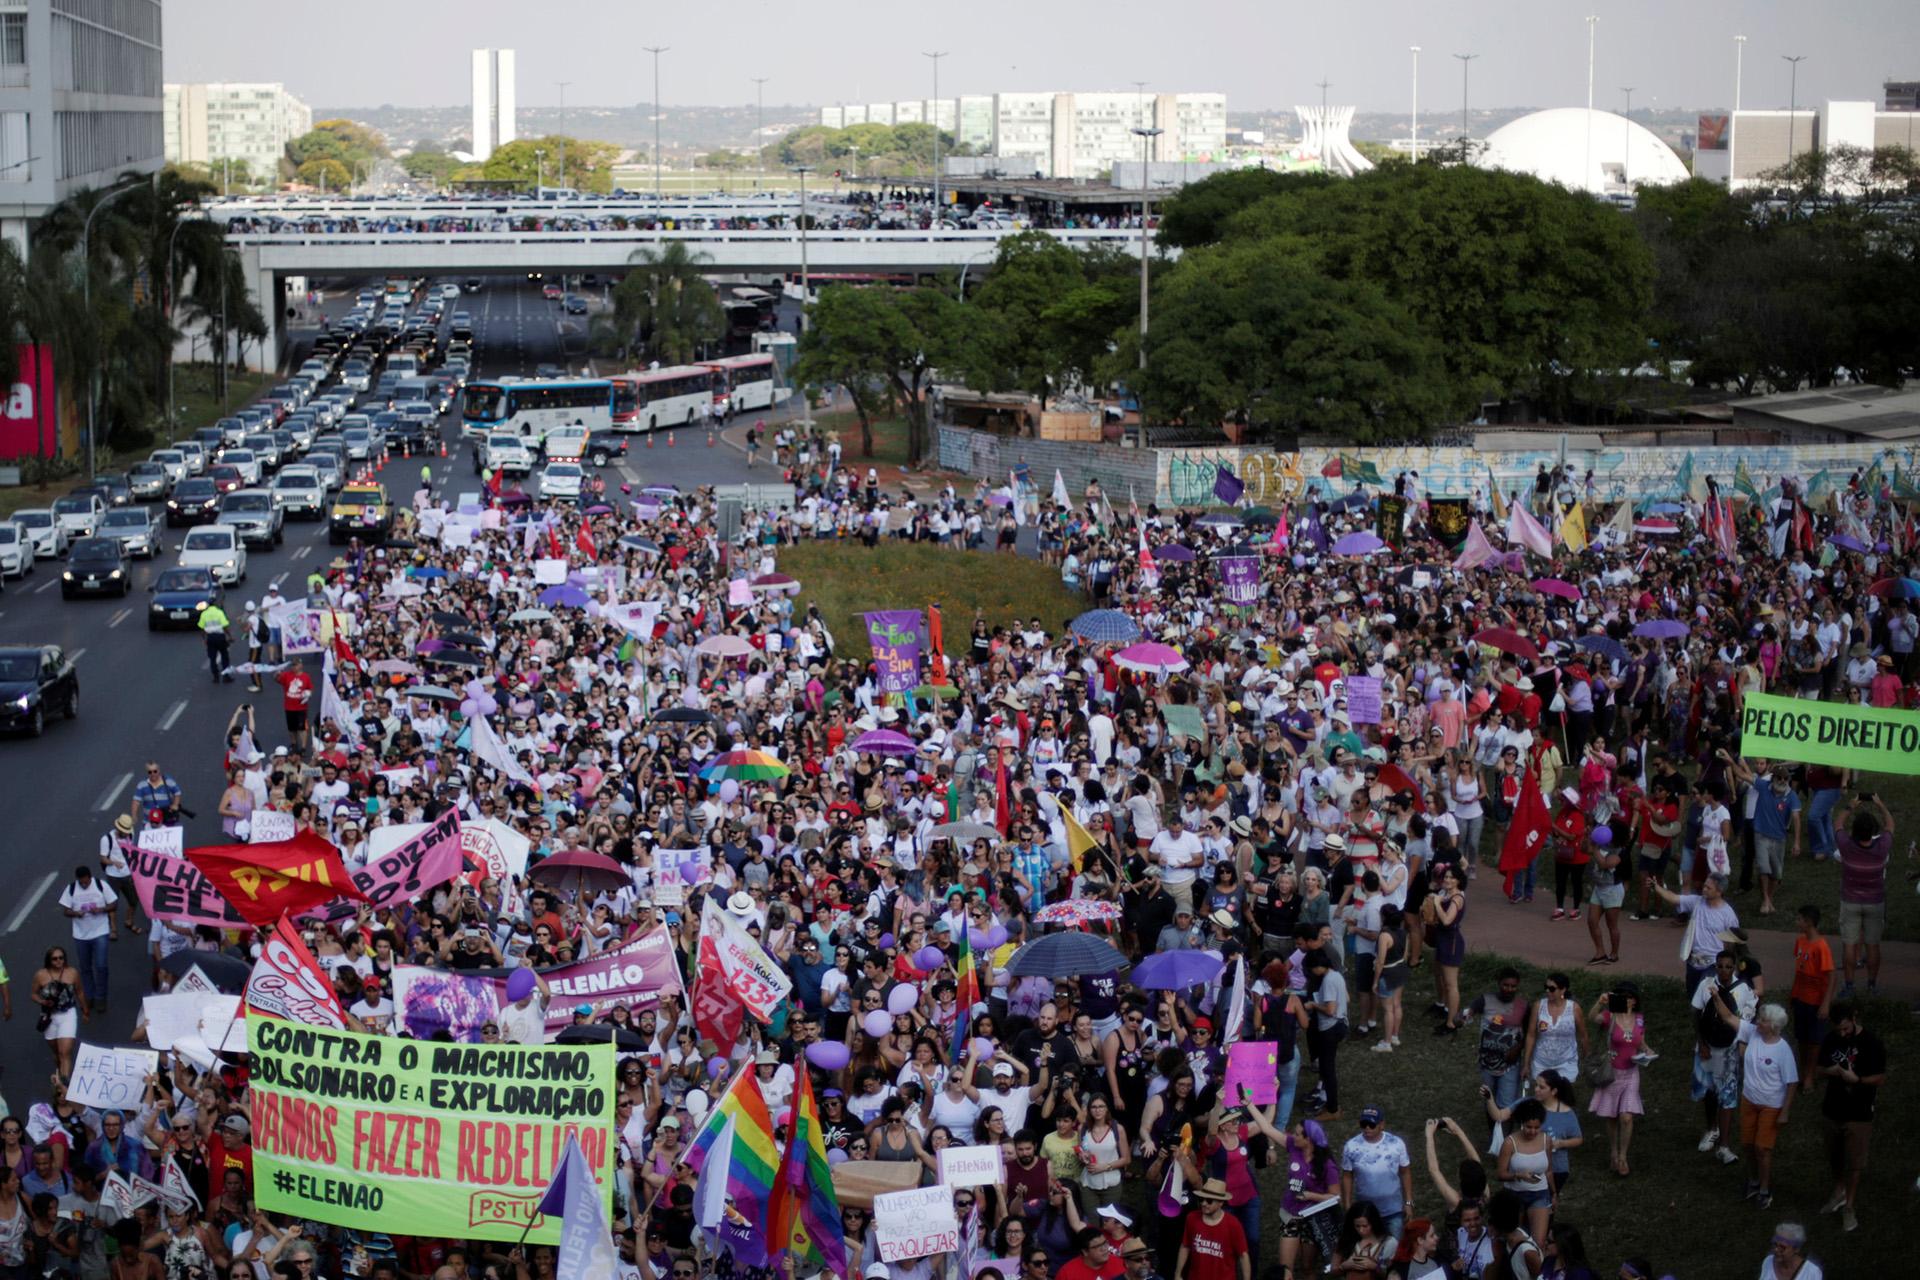 Las multitudinarias marchas contra Bolsonaro no se reflejan por ahora en los sondeos (Reuters)